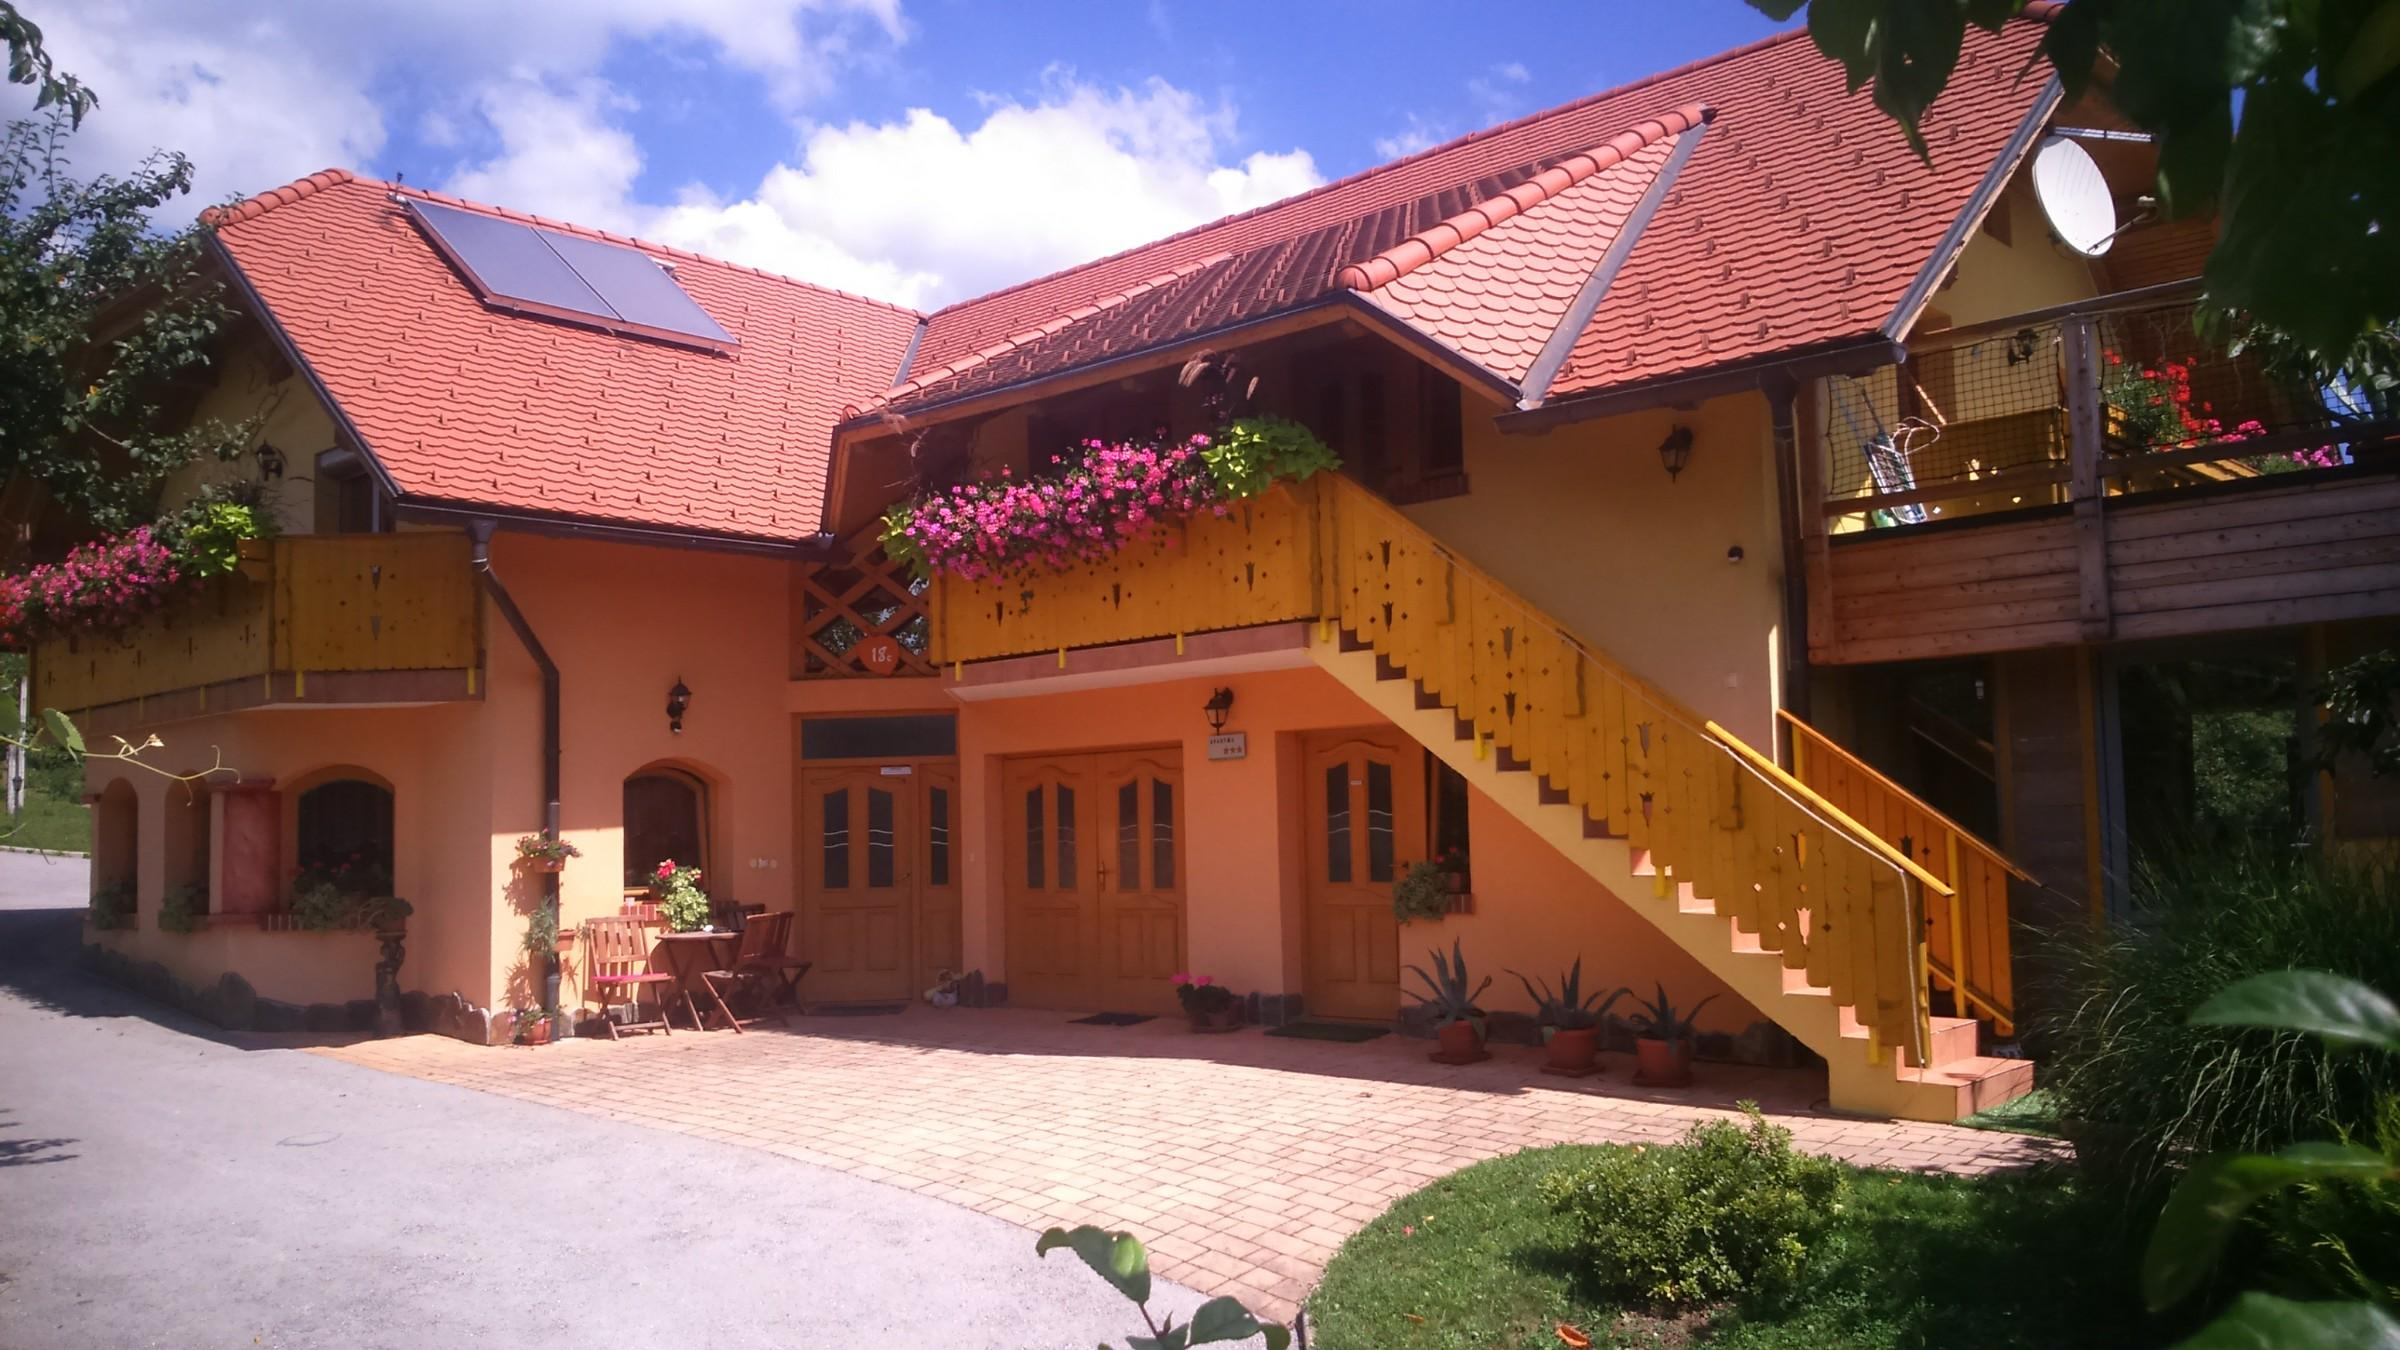 Apartma Kristina-Beli zajec, foto arhiv Kristina,Savinjska dolina